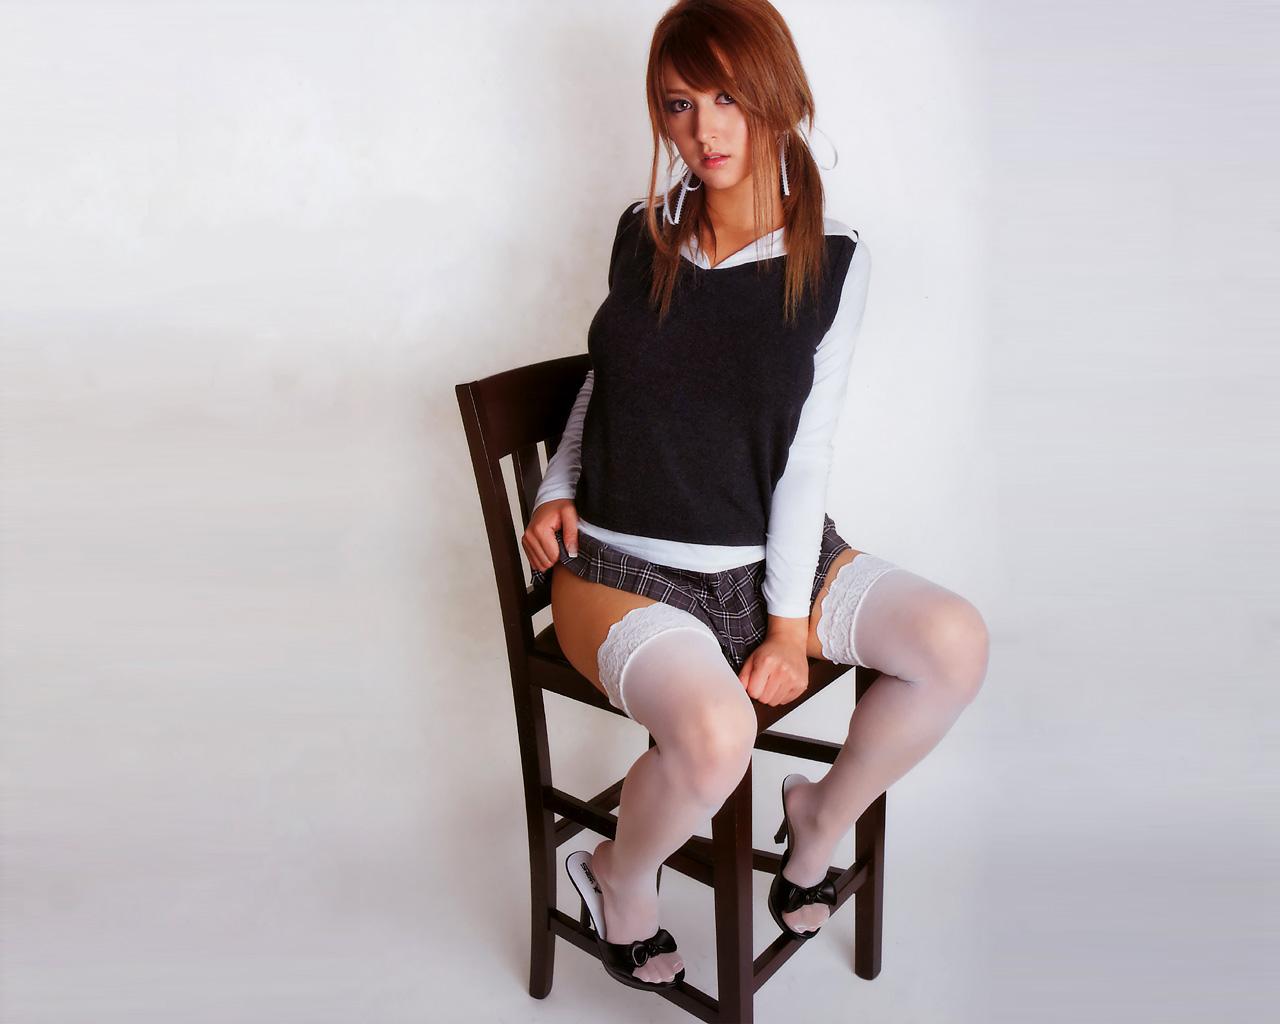 Сексуальные японки в стрингах галерея 20 фотография